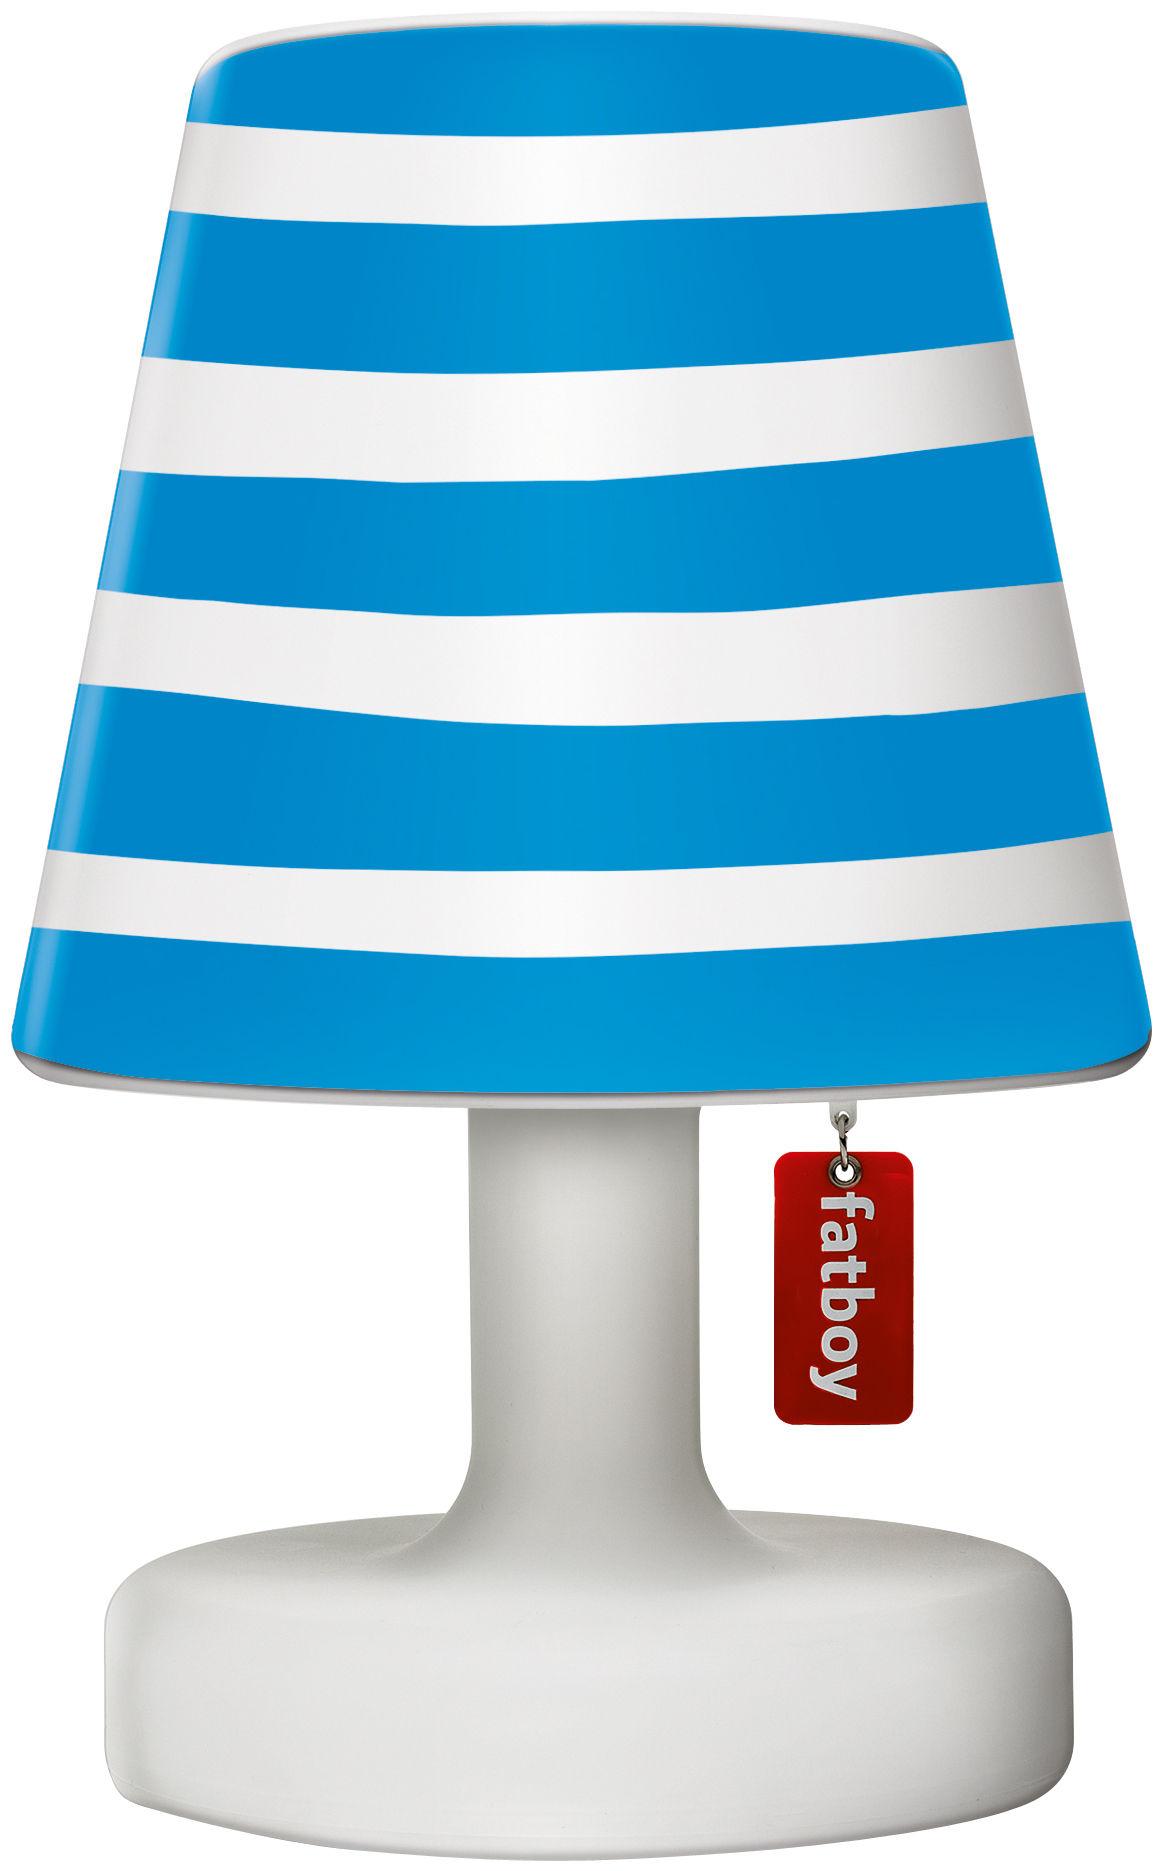 Luminaire - Lampes de table - Abat-jour Cooper Cappie / Pour lampe Edison the Petit - Fatboy - Mr Bleu - Polypropylène